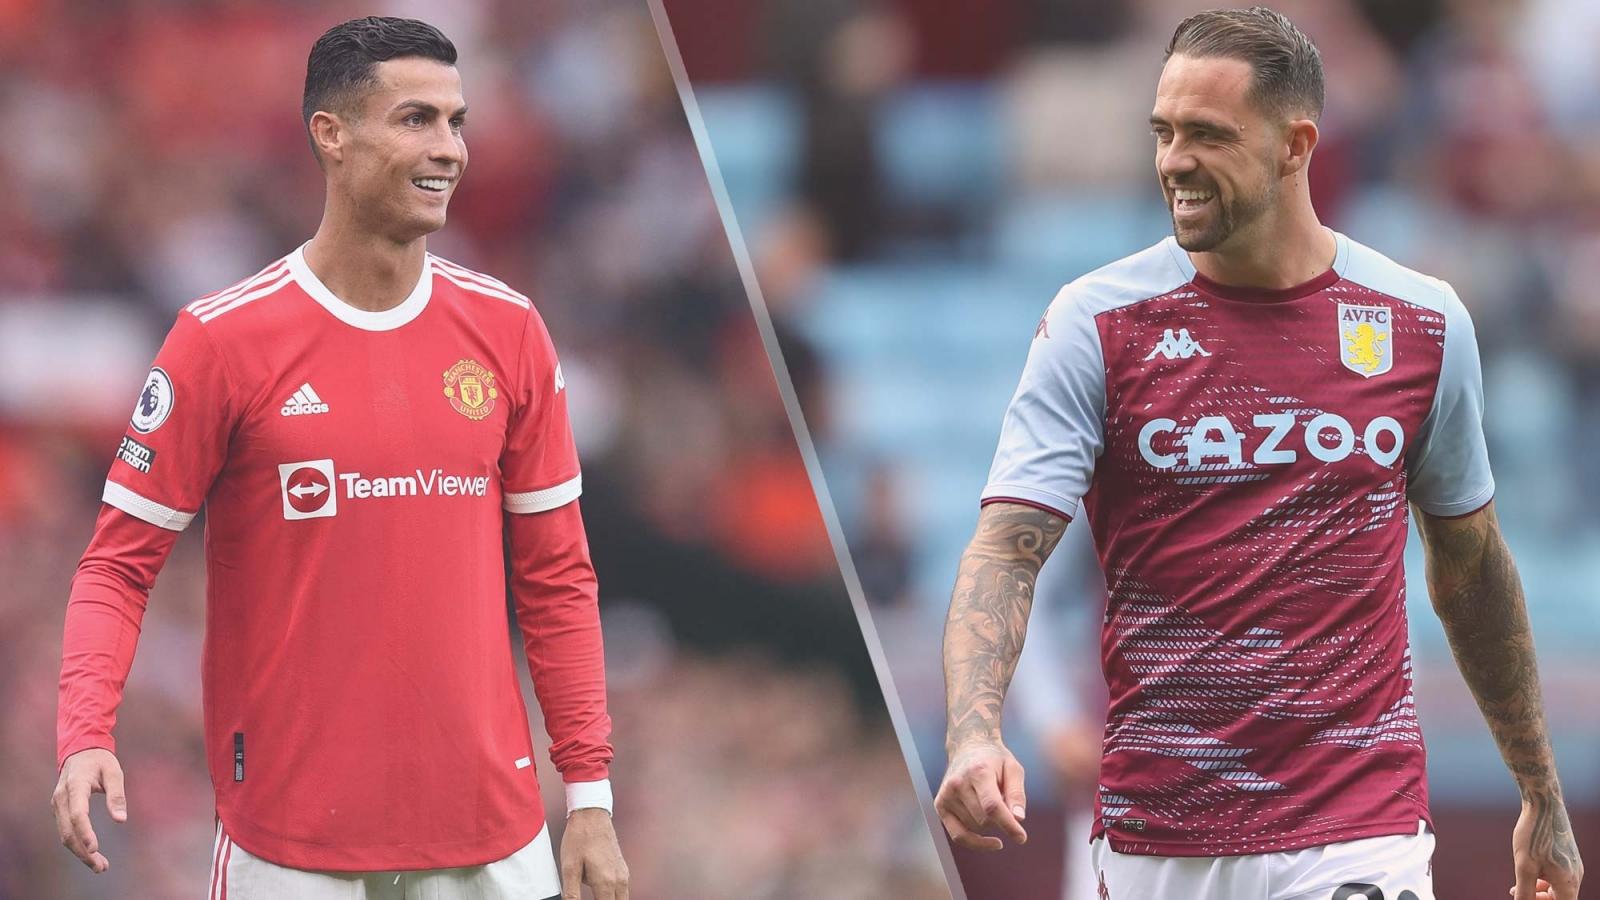 TRỰC TIẾP MU - Aston Villa: Cristiano Ronaldo gặp đối thủ ưa thích